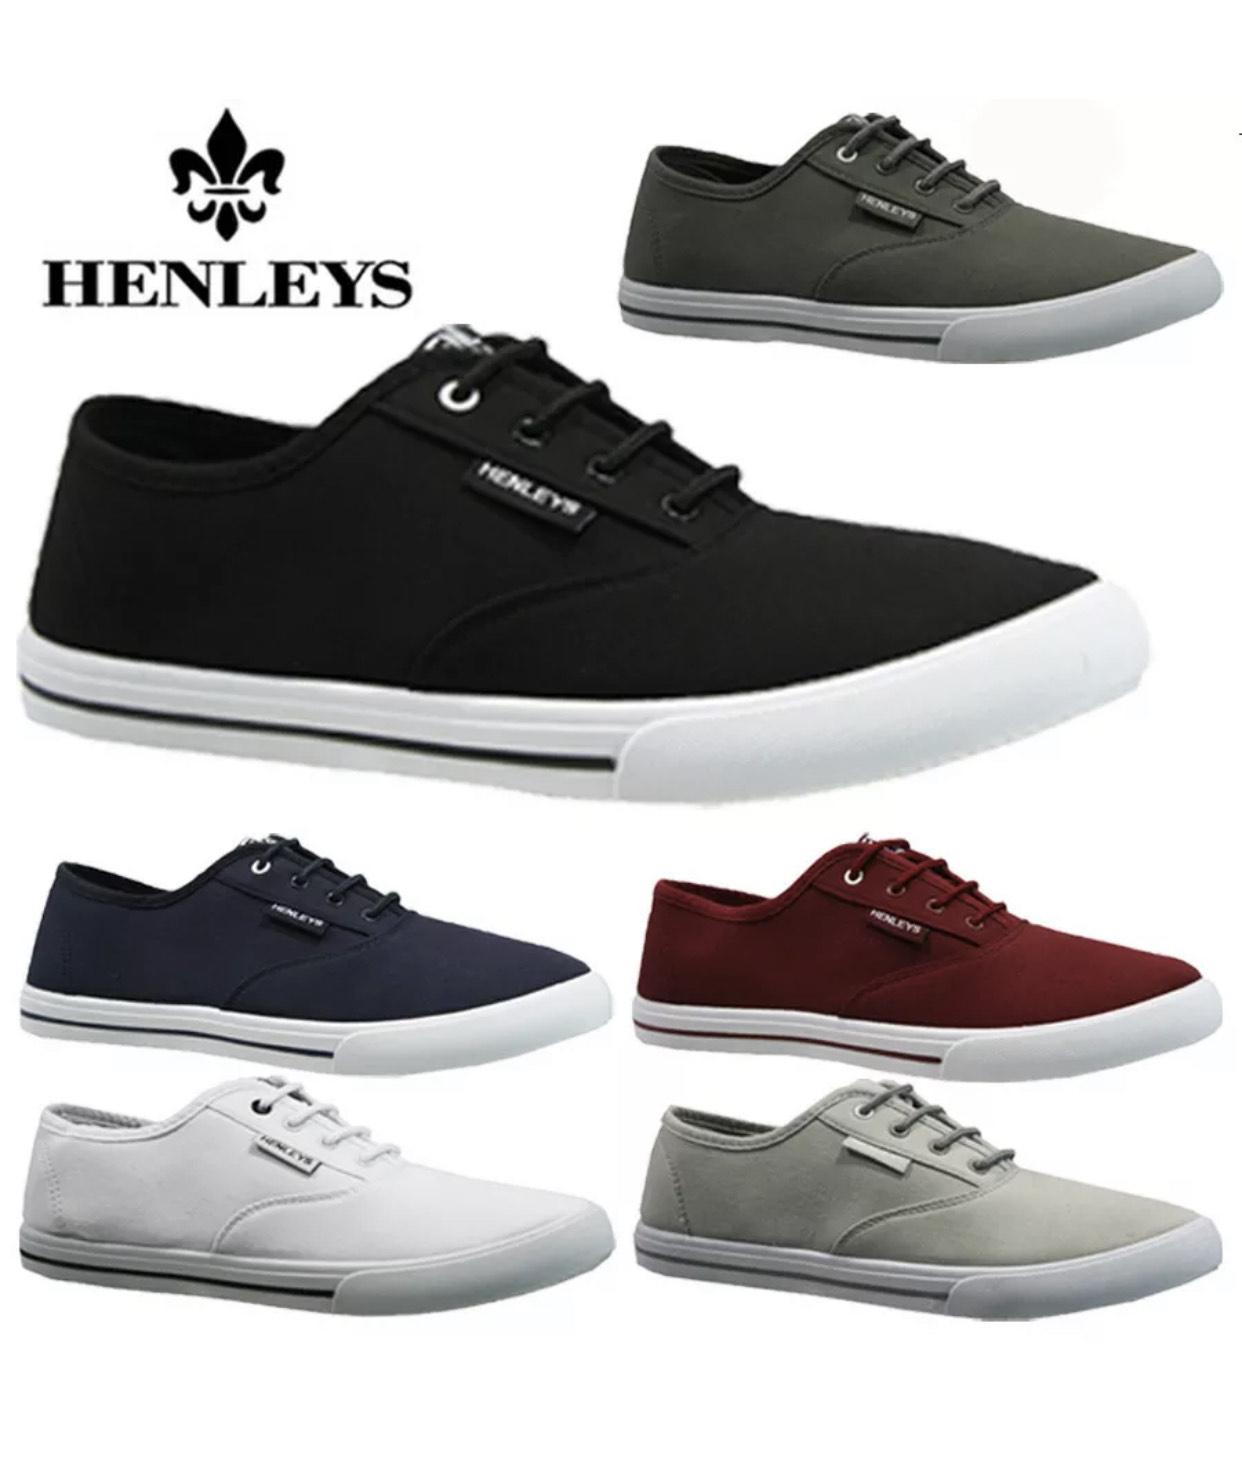 Men's Henleys trainers £9.95 @ shoe_studio ebay uk